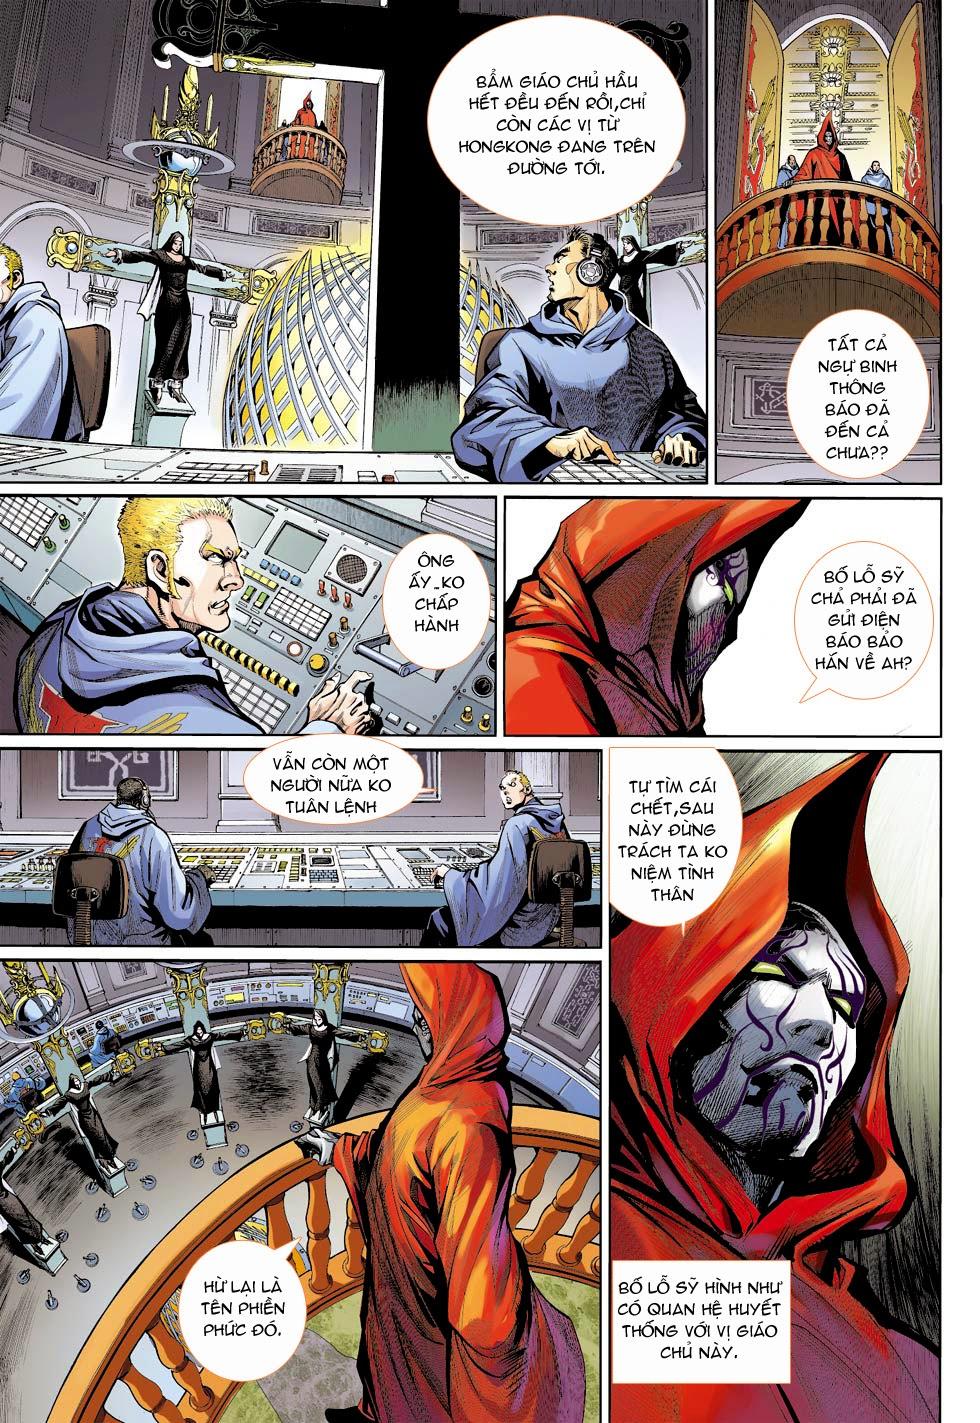 Thần Binh 4 chap 26 - Trang 12